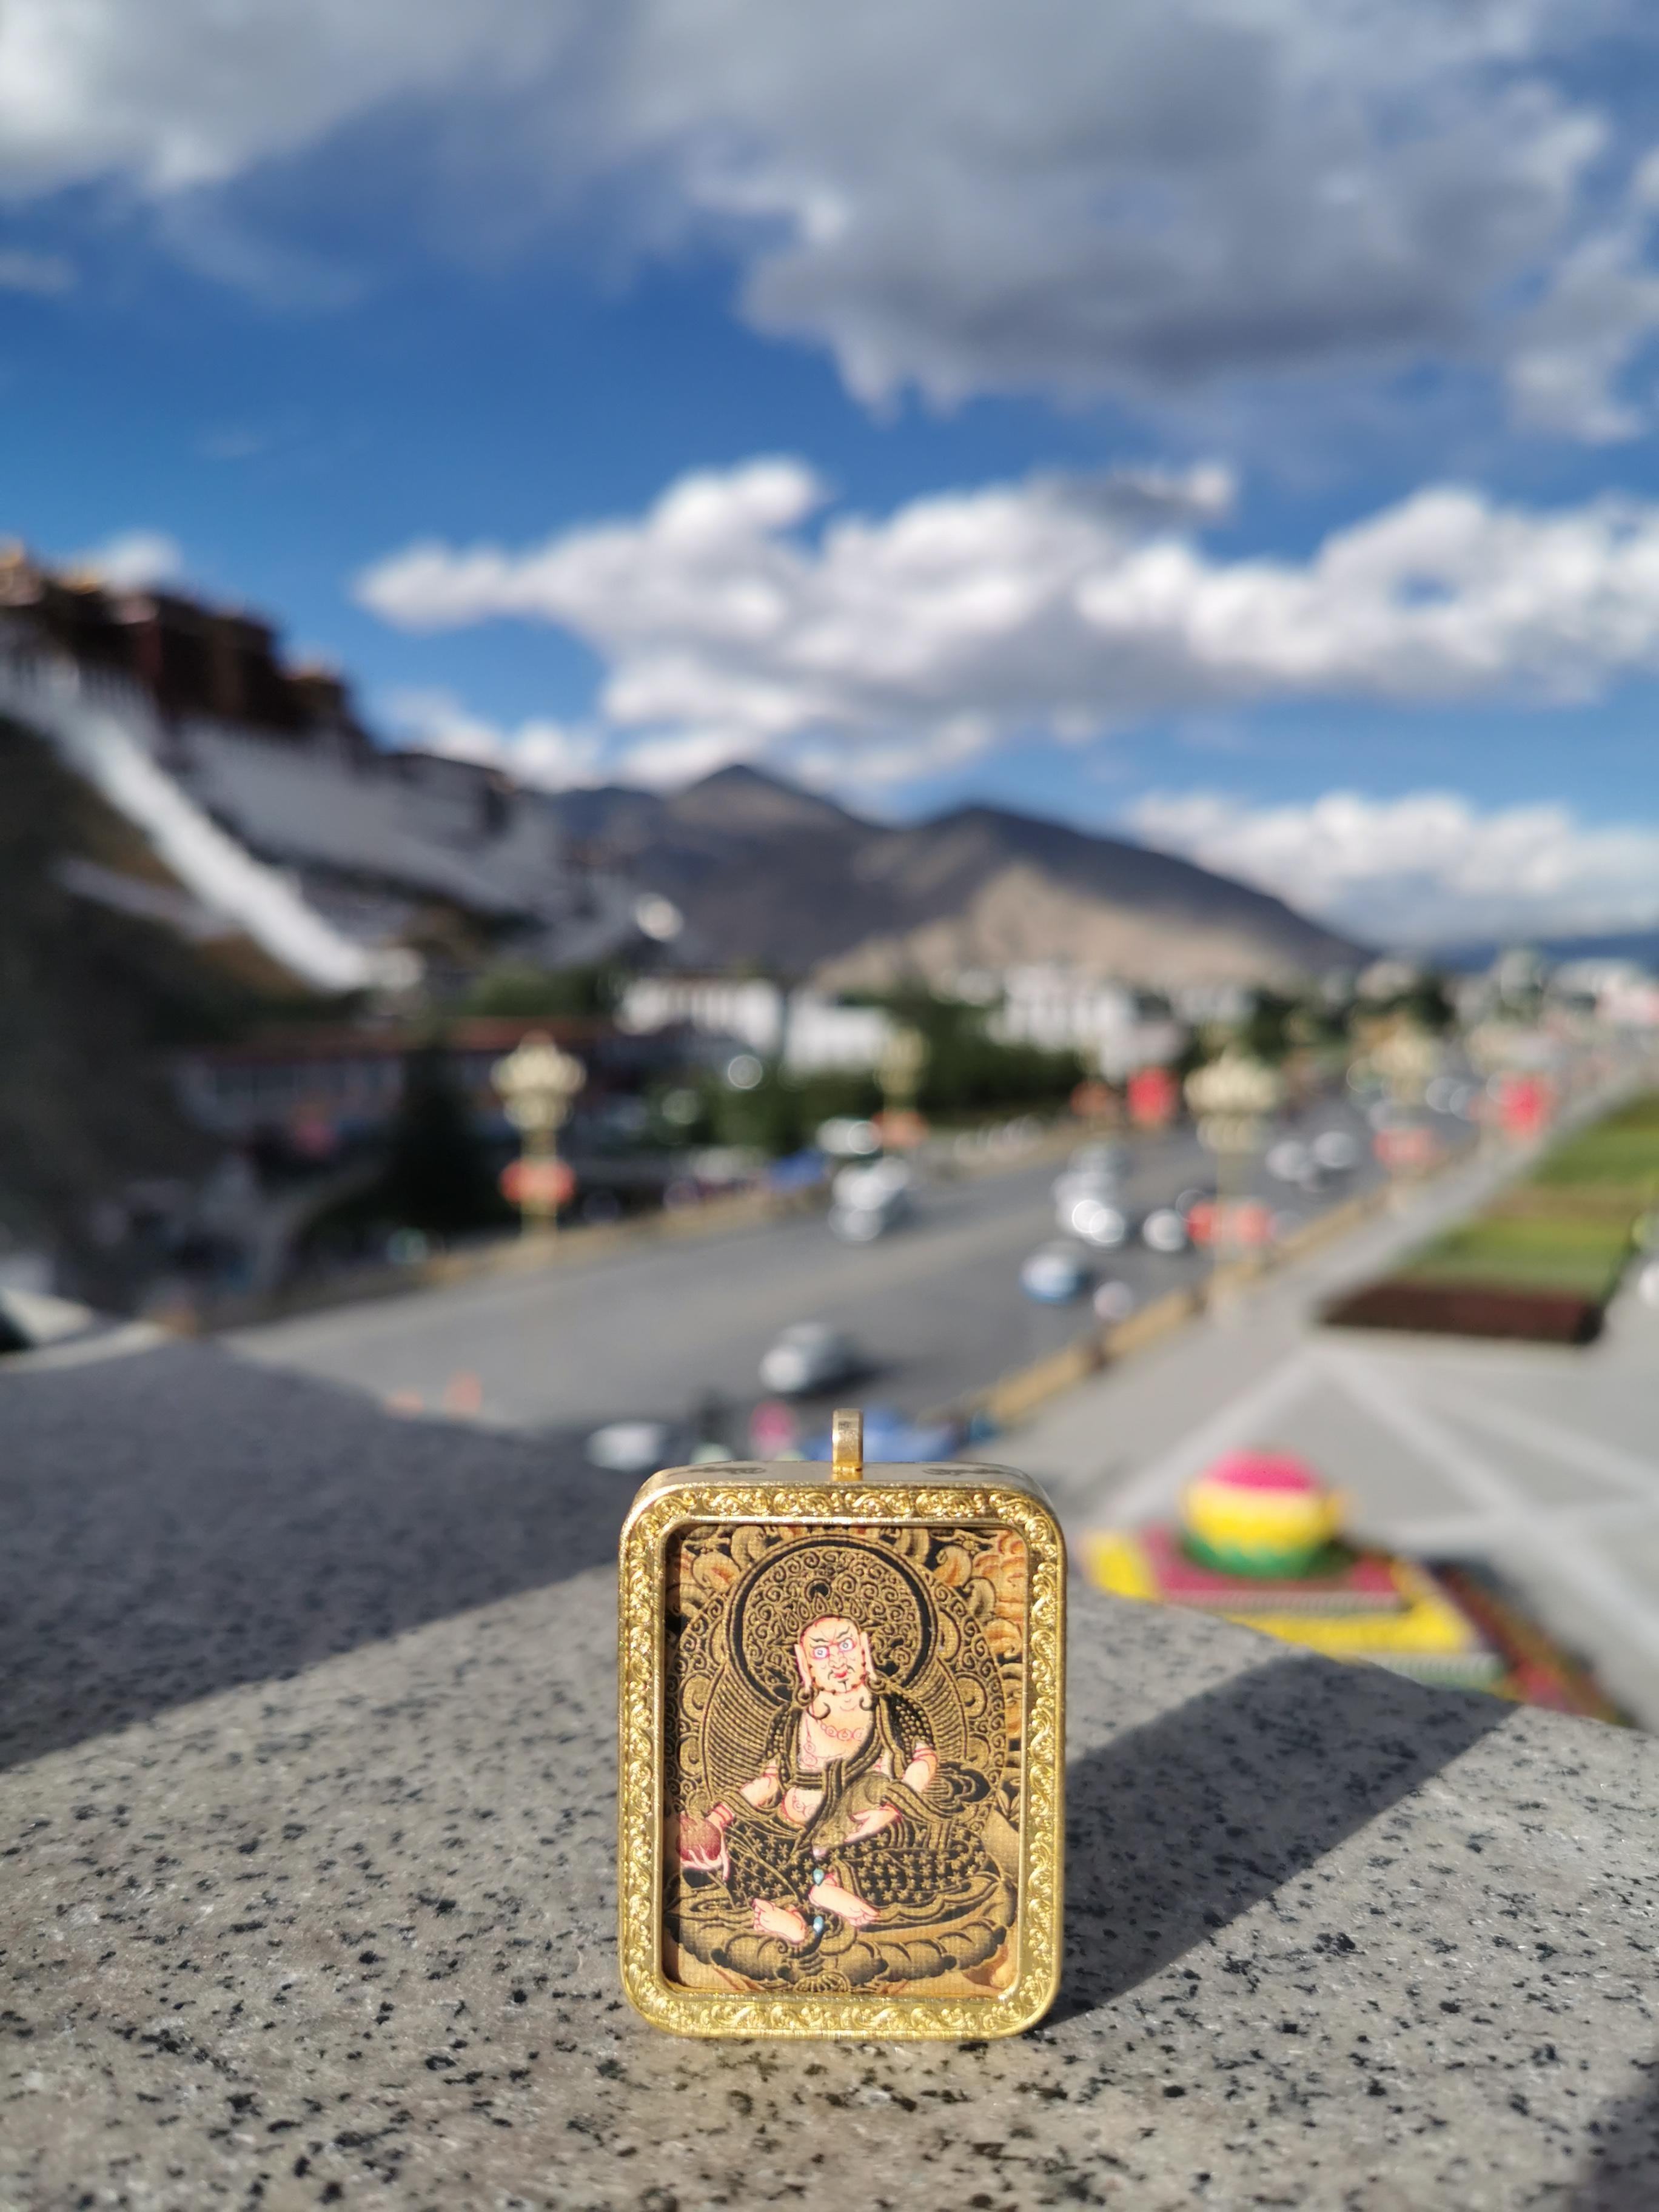 尼泊尔小唐卡黄财神 矿物颜料加金粉手工绘画 纯铜嘎乌盒 小扎卡